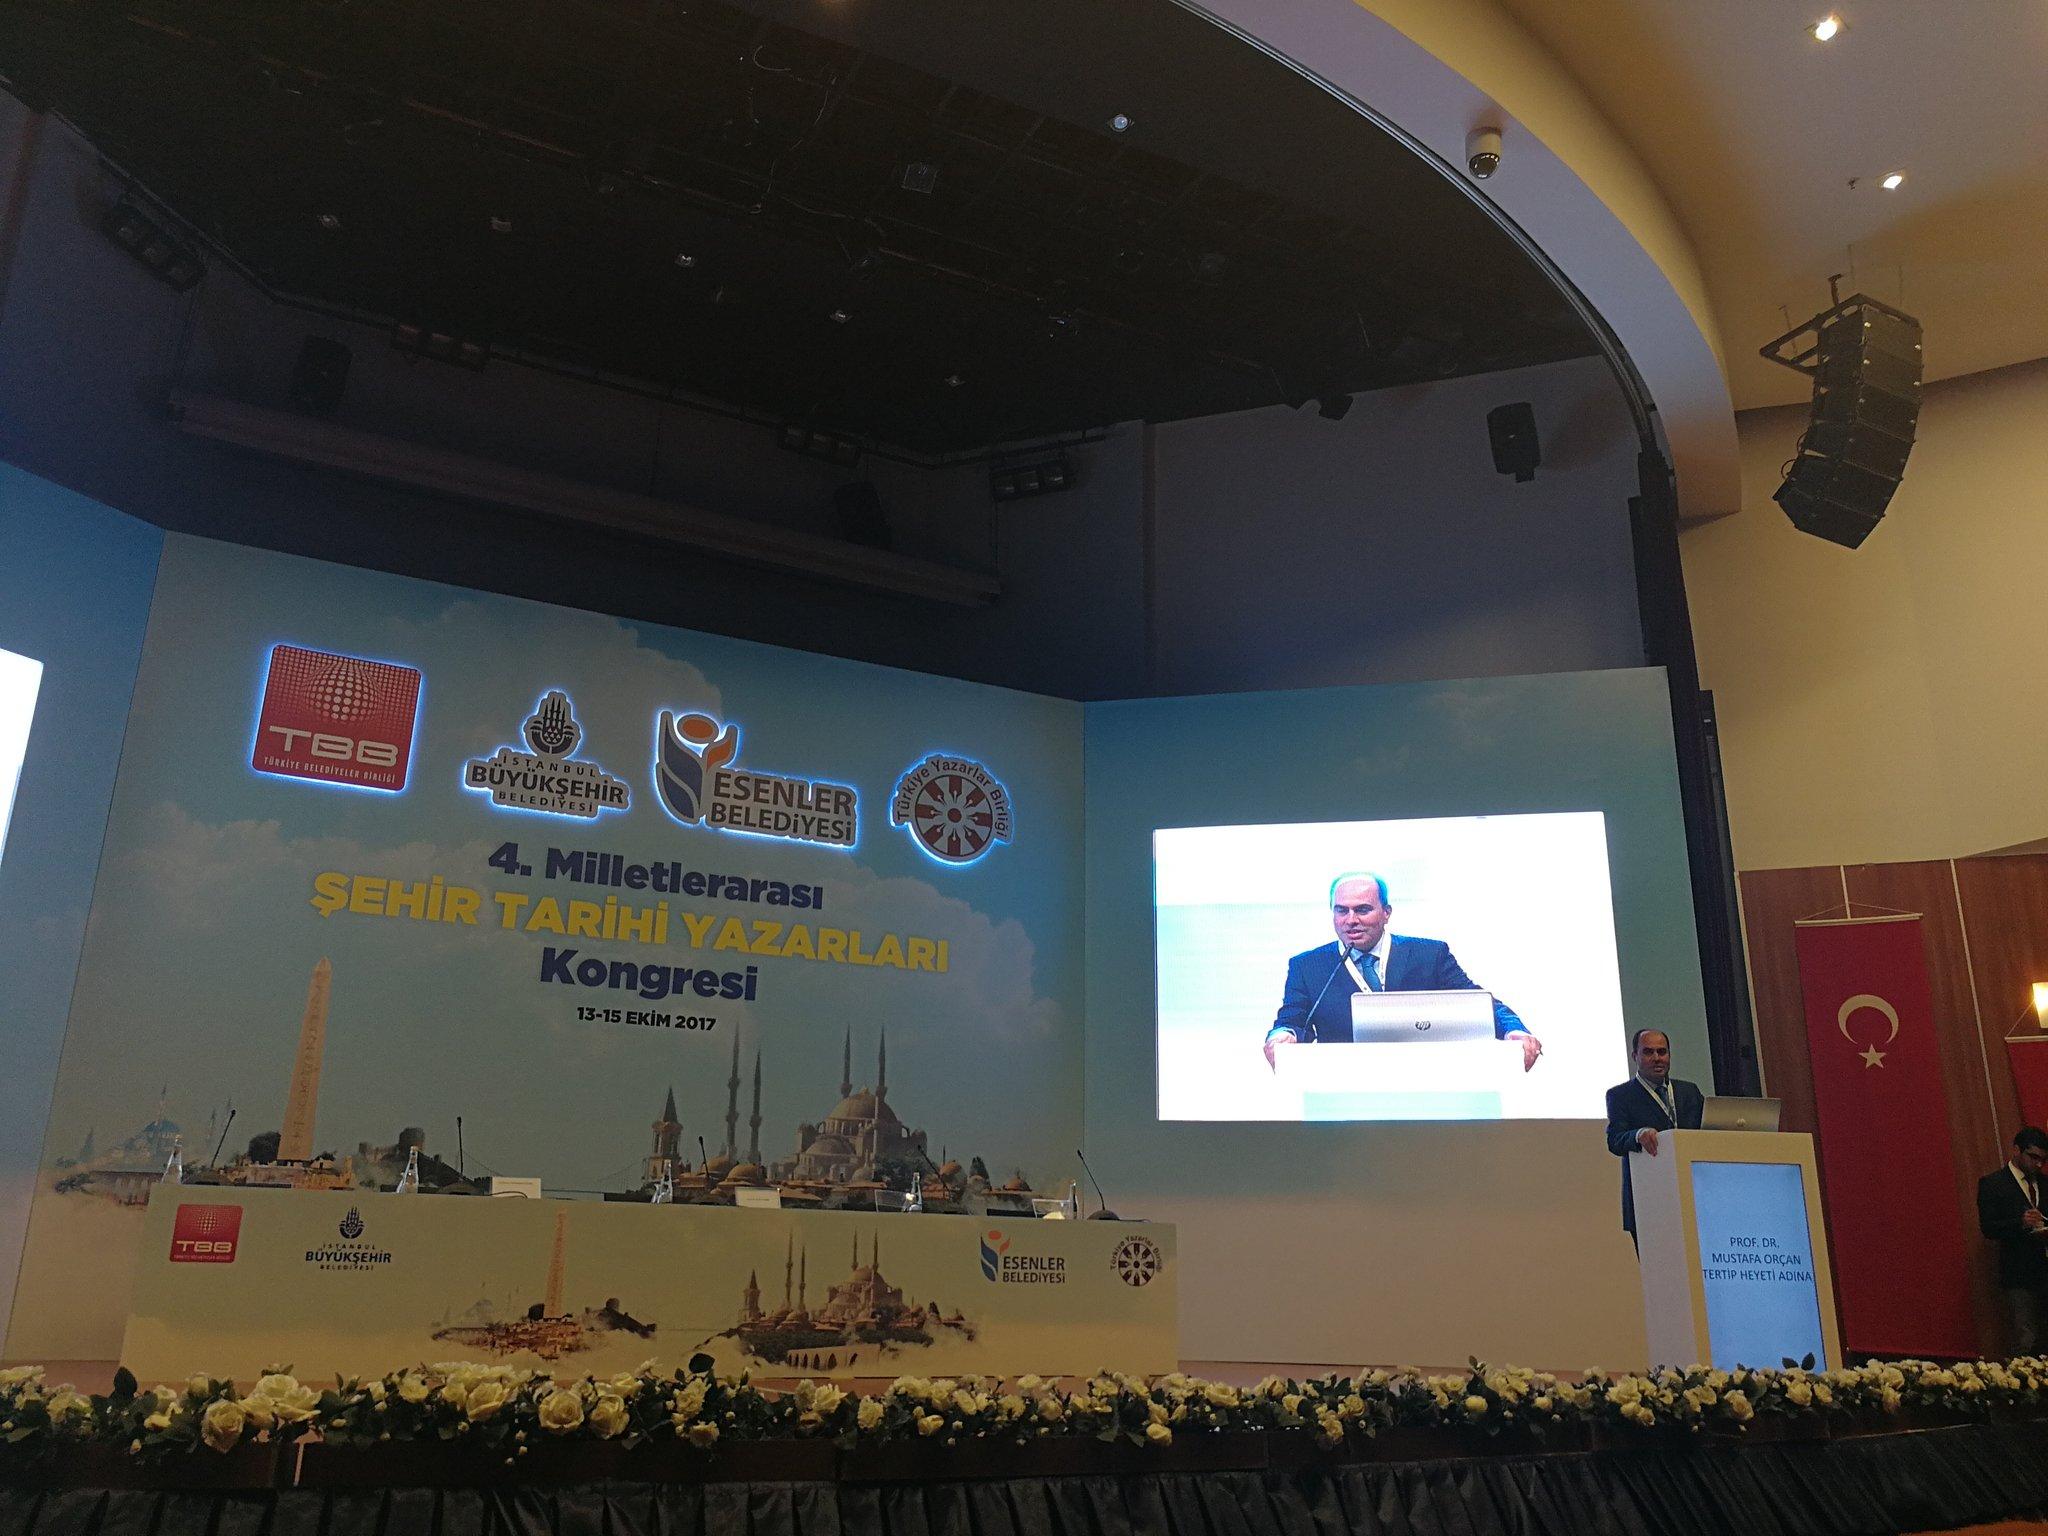 Prof. Dr. Mustafa Orçan'ın 4. Şehir Tarihi Açılış Konuşması